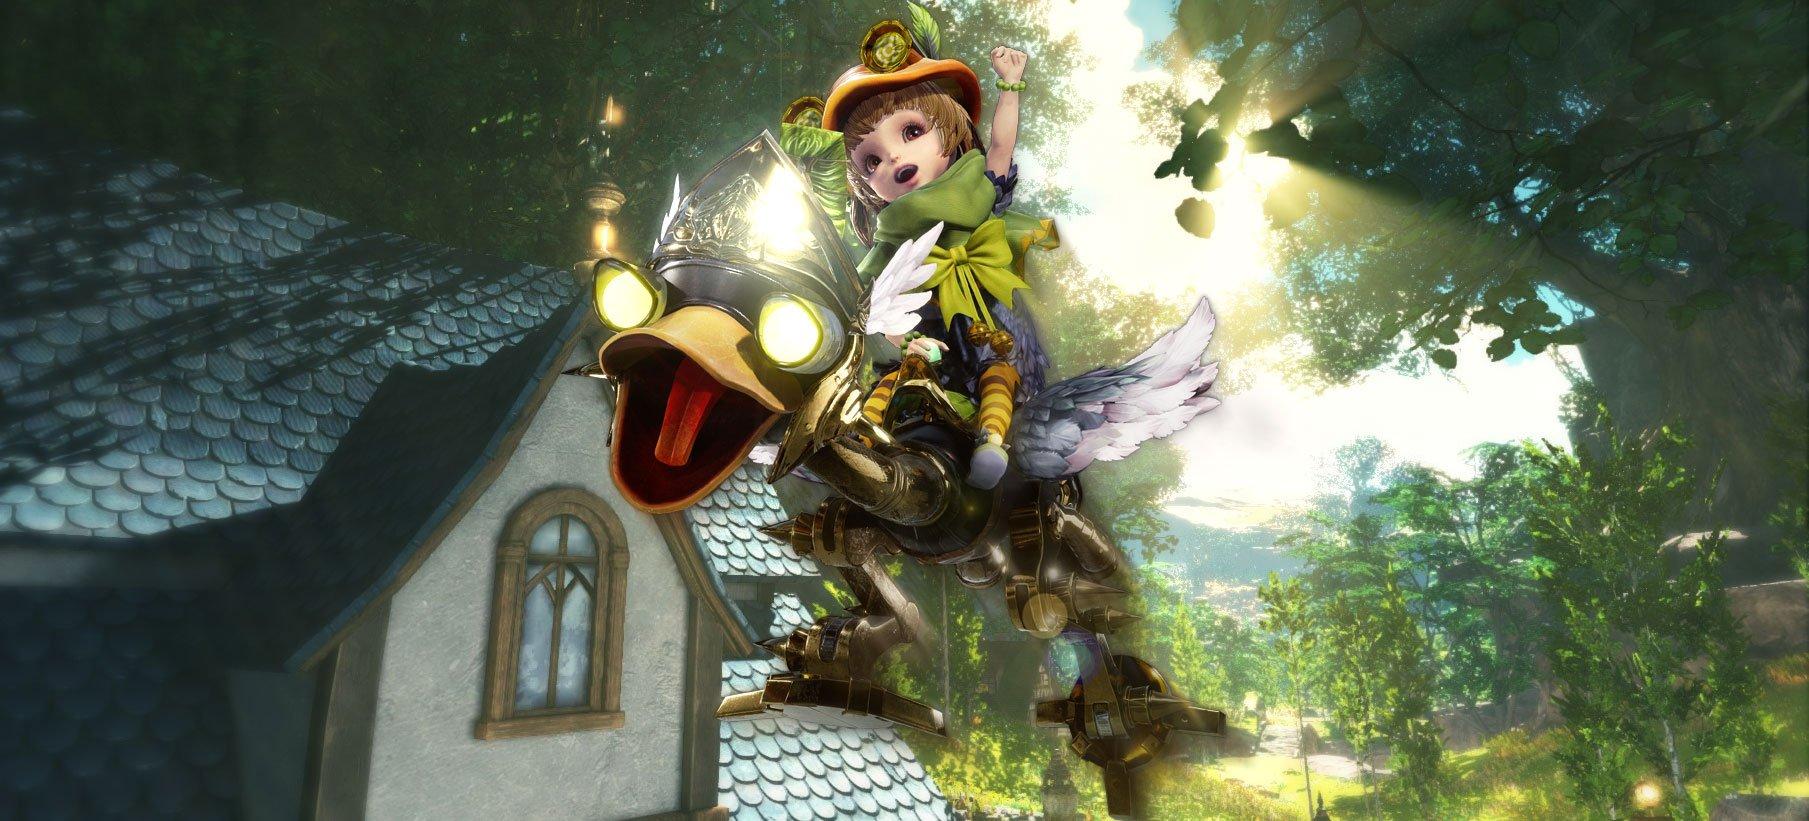 Astellia bringt neue Endgame-Inhalte, doch Spieler warten verzweifelt auf PvP-Gebiet